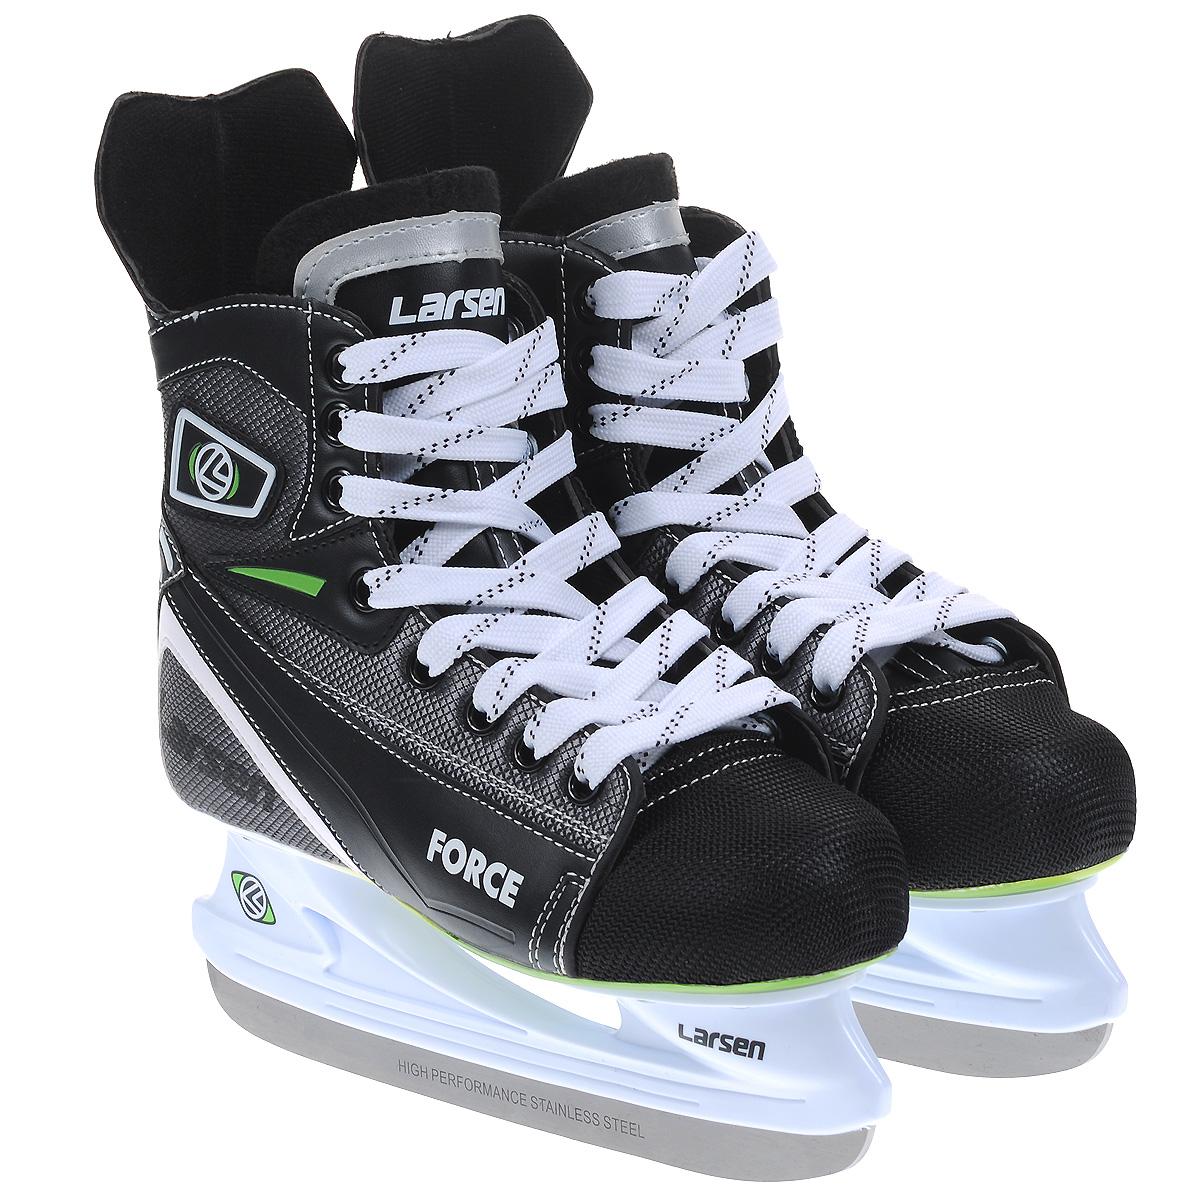 Коньки хоккейные Larsen Force, цвет: черный, серый. Размер 40ForceХоккейные коньки Force от Larsen прекрасно подойдут для начинающих игроков в хоккей. Ботинок выполнен из морозоустойчивого поливинилхлорида, мыс - из полипропилена, который защитит ноги от ударов, покрытого сетчатым нейлоном плотностью 800D. Внутренний слой изготовлен из мягкого материала Cambrelle, который обеспечит тепло и комфорт во время катания, язычок войлочный. Поролоновый утеплитель не позволит вашим ногам замерзнуть. Плотная шнуровка надежно фиксирует модель на ноге. Удобный суппорт голеностопа. Стелька из материала EVA обеспечит комфортное катание. Стойка выполнена из ударопрочного пластика. Лезвие из высокоуглеродистой стали жесткостью HRC 50-52 обеспечит превосходное скольжение.